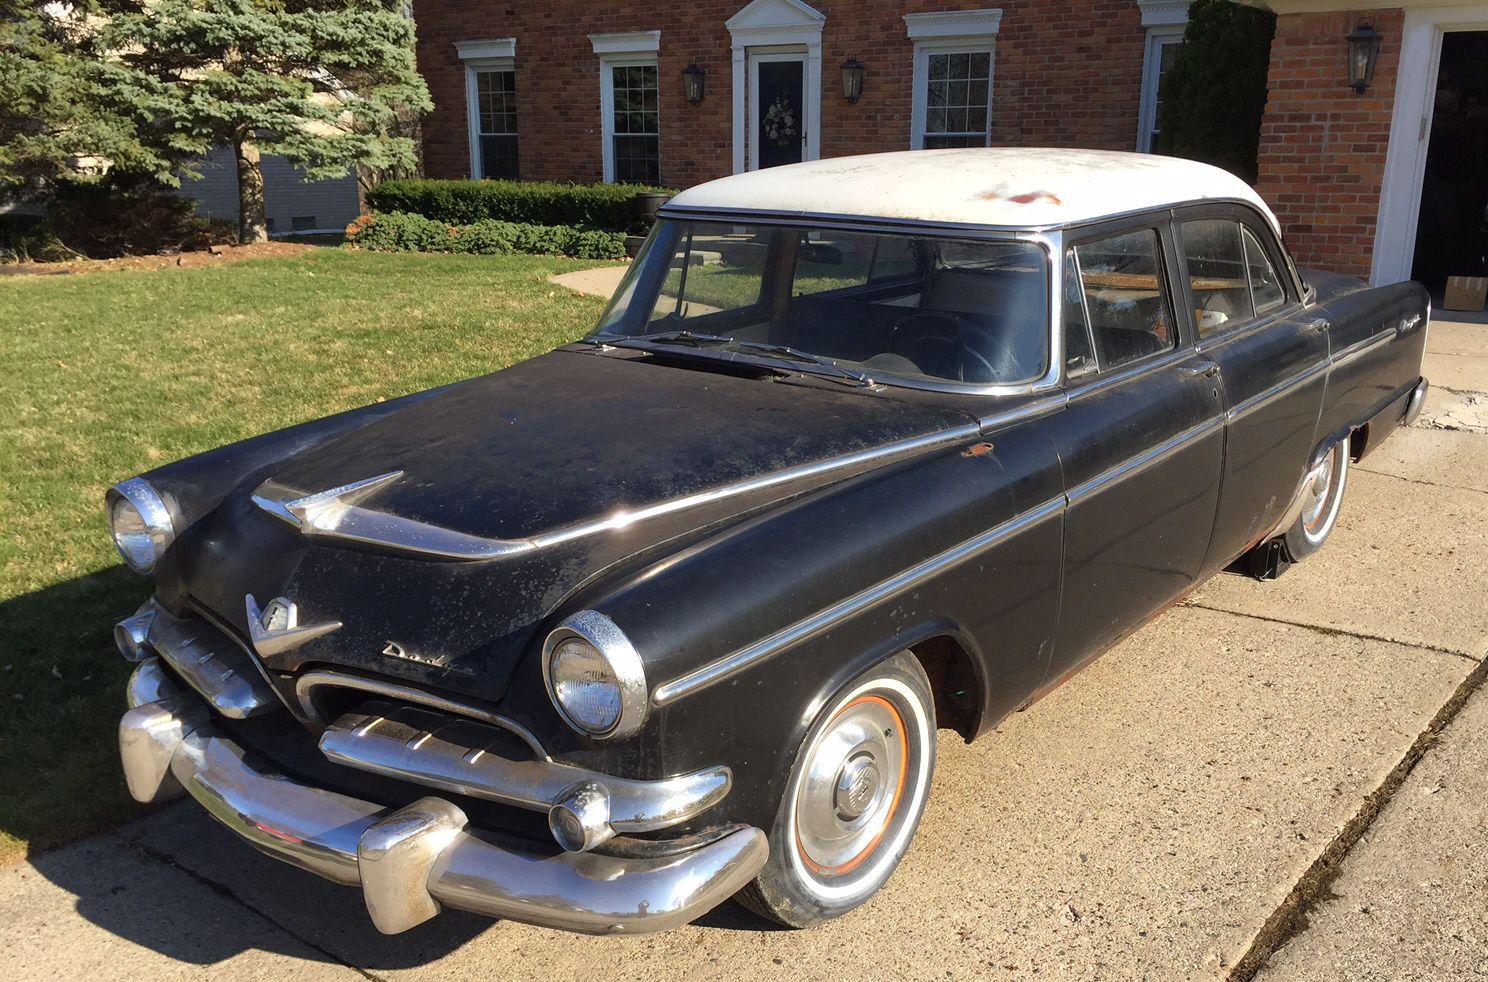 1955 dodge royal barn find for sale - 1955 Dodge Royal Barn Find For Sale 64